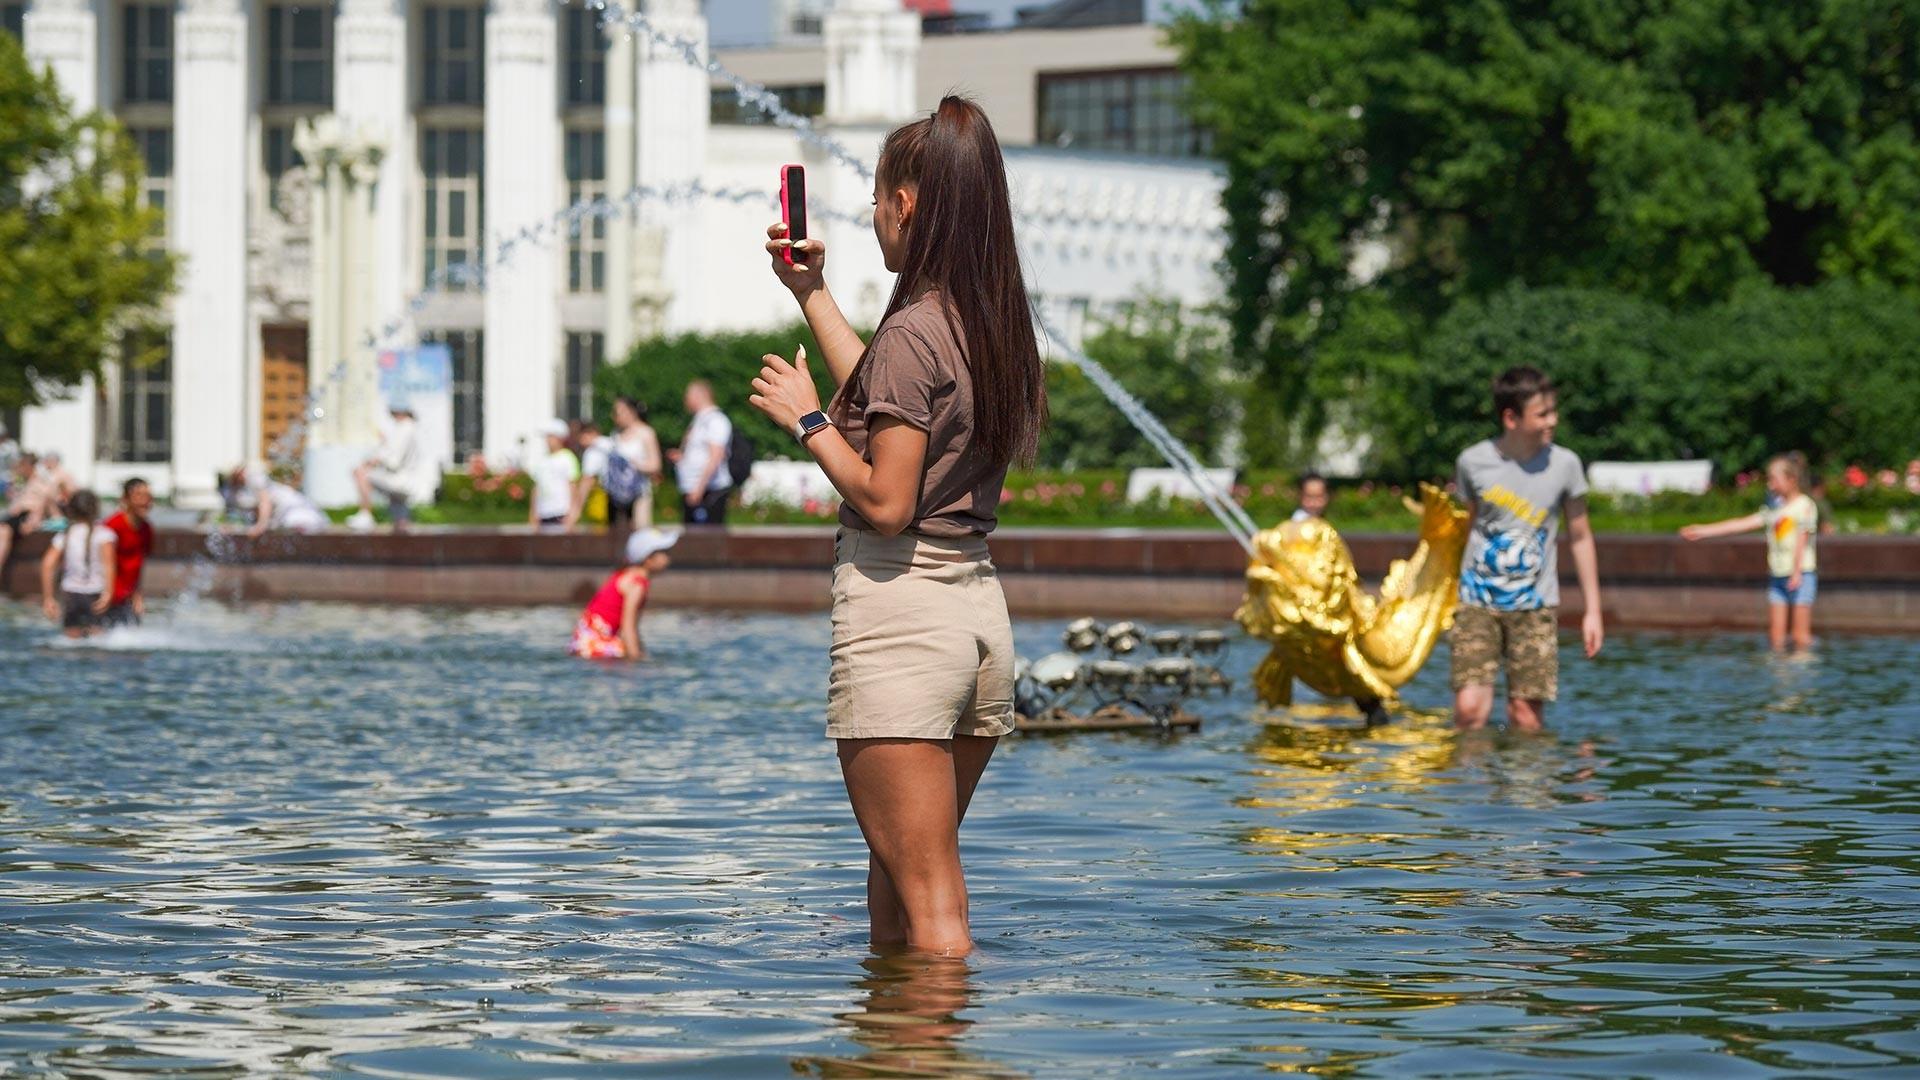 Nel parco VDNKh di Mosca, 22 giugno 2021